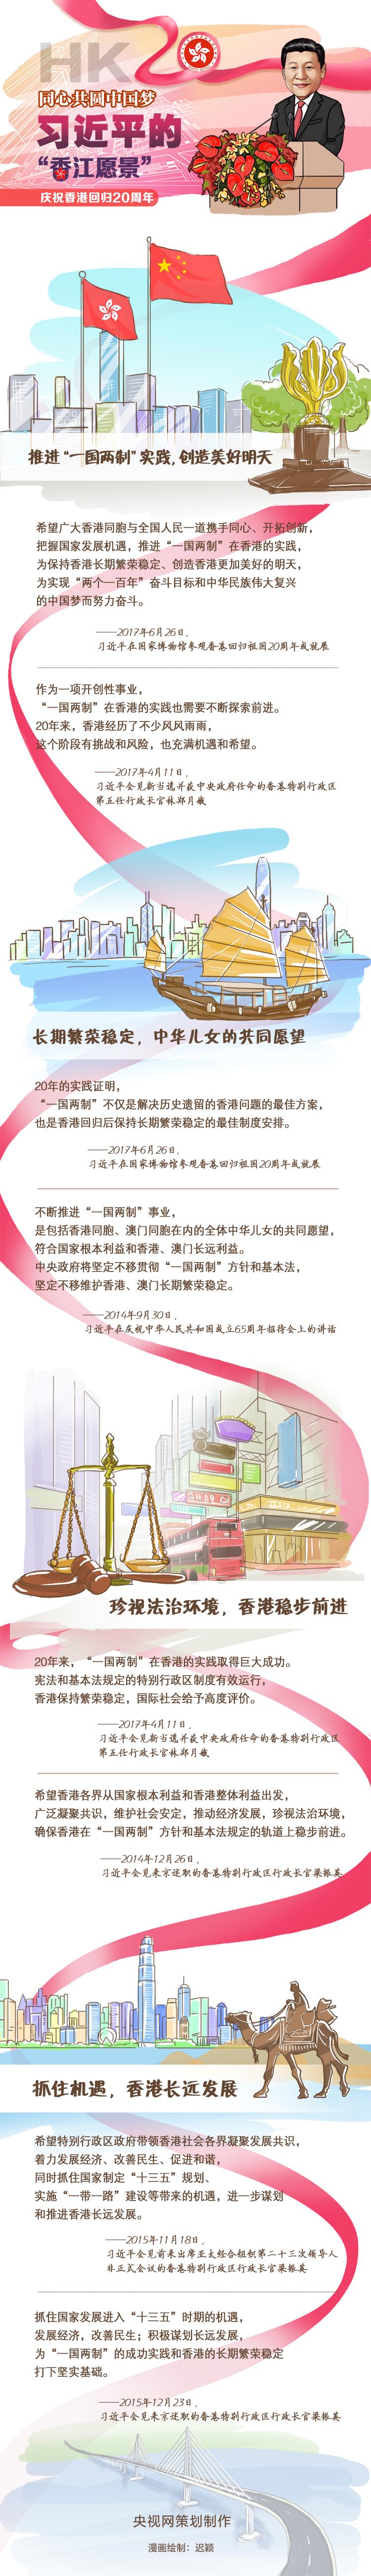 """条漫丨同心共圆中国梦——习近平的""""香江愿景"""""""